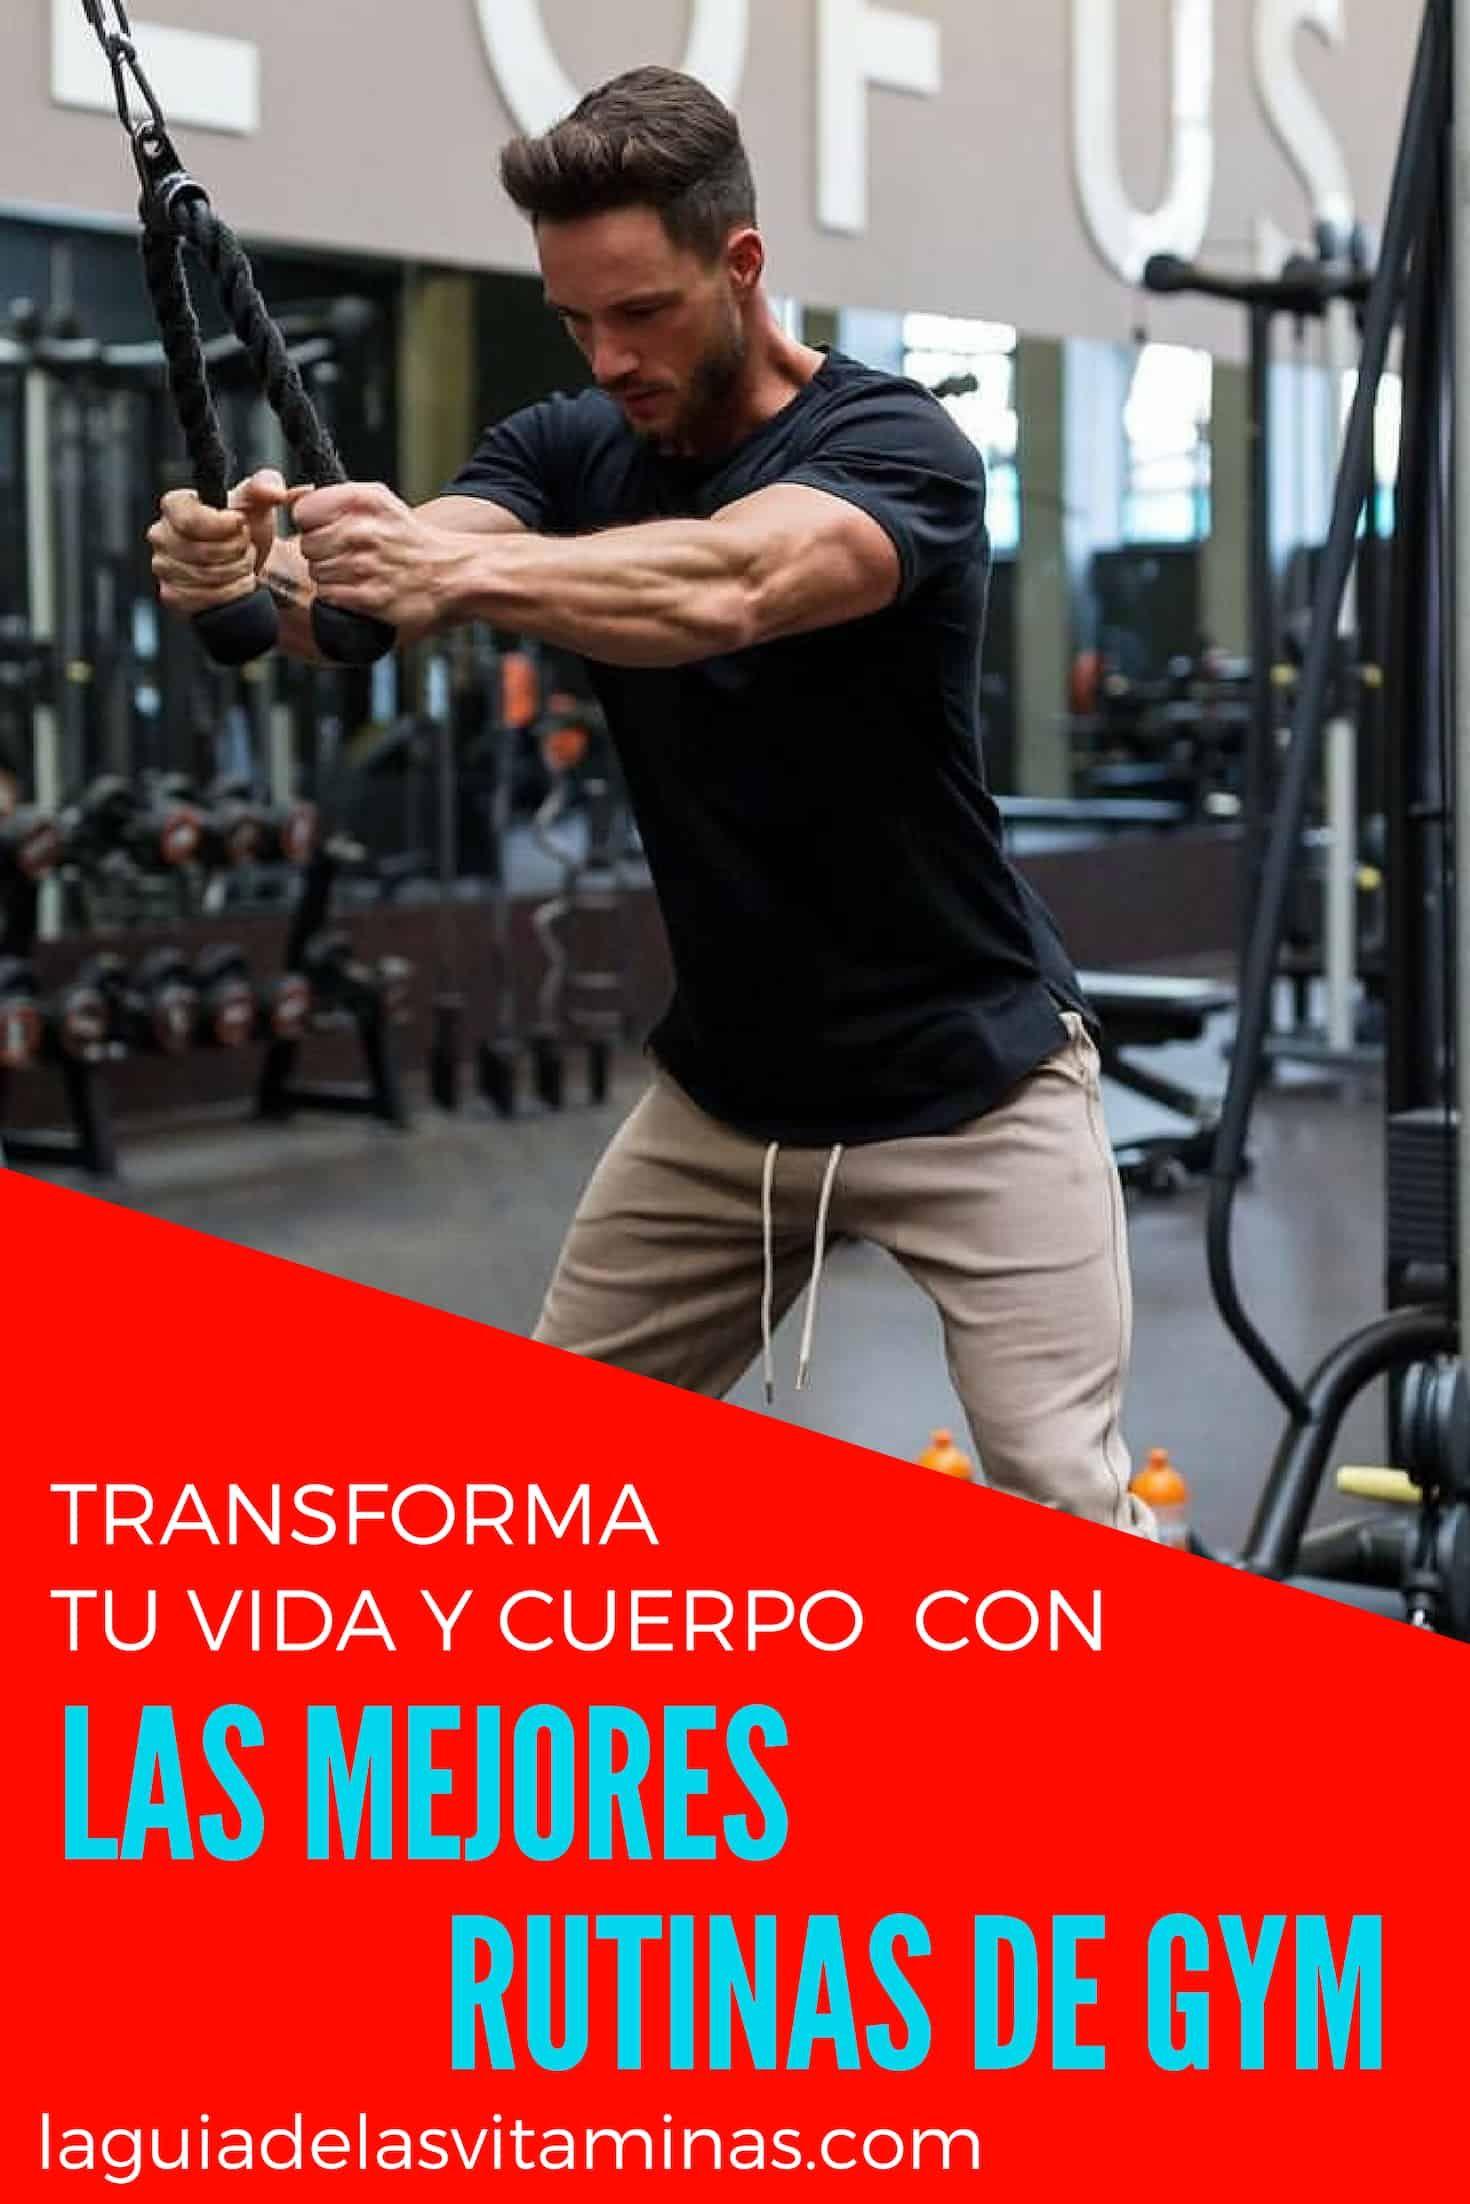 Las 5 Mejores Rutinas Para Quemar Grasa En El Gimnasio Para Hombres La Guía De Las Vitaminas Fun Workouts Gym Men Body Training